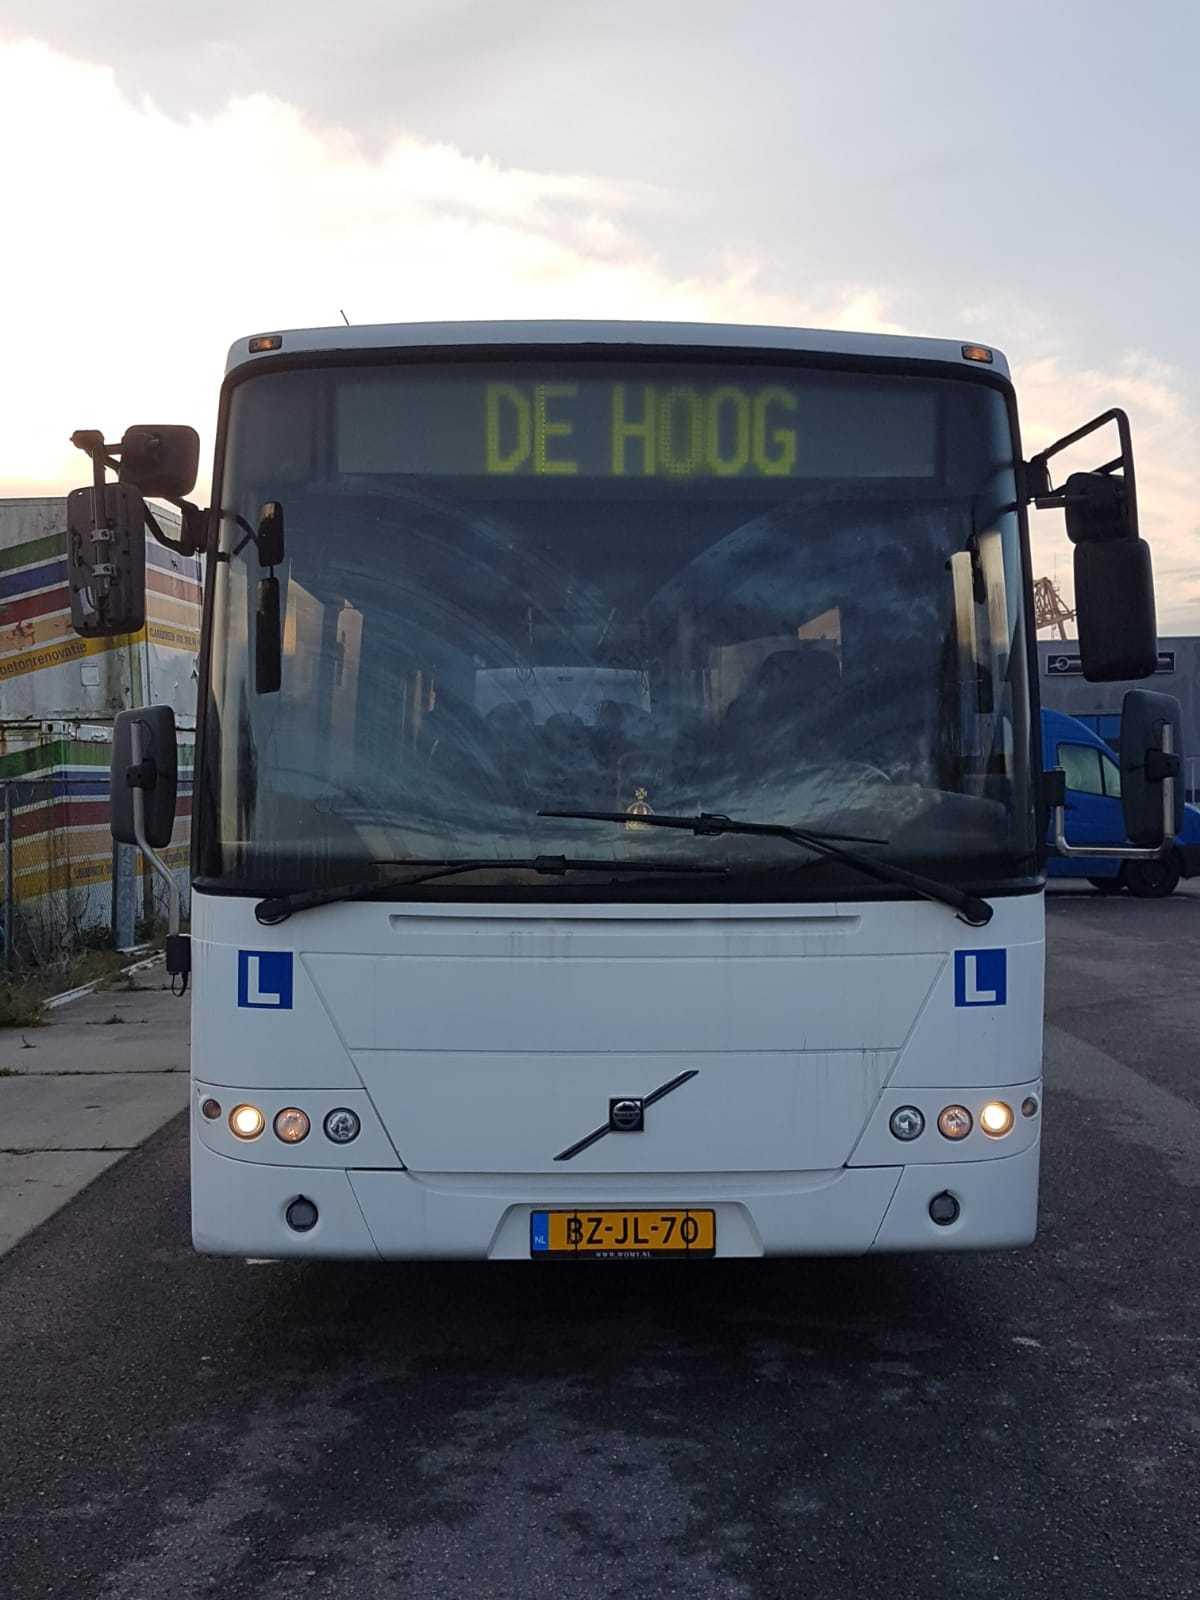 Rijbewijs Autobus Haal je busrijbewijs bij De Hoog